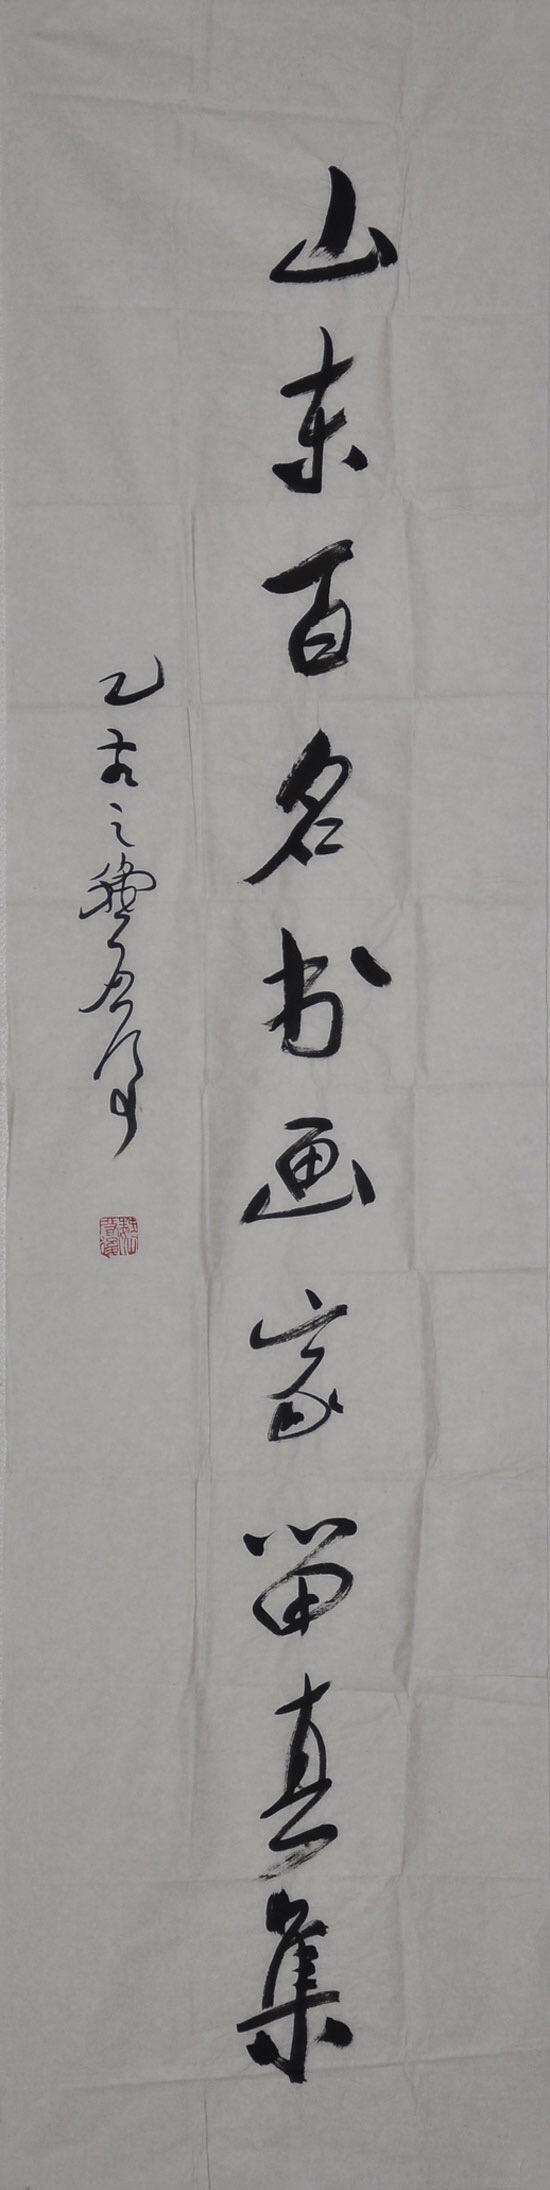 011  魏启后